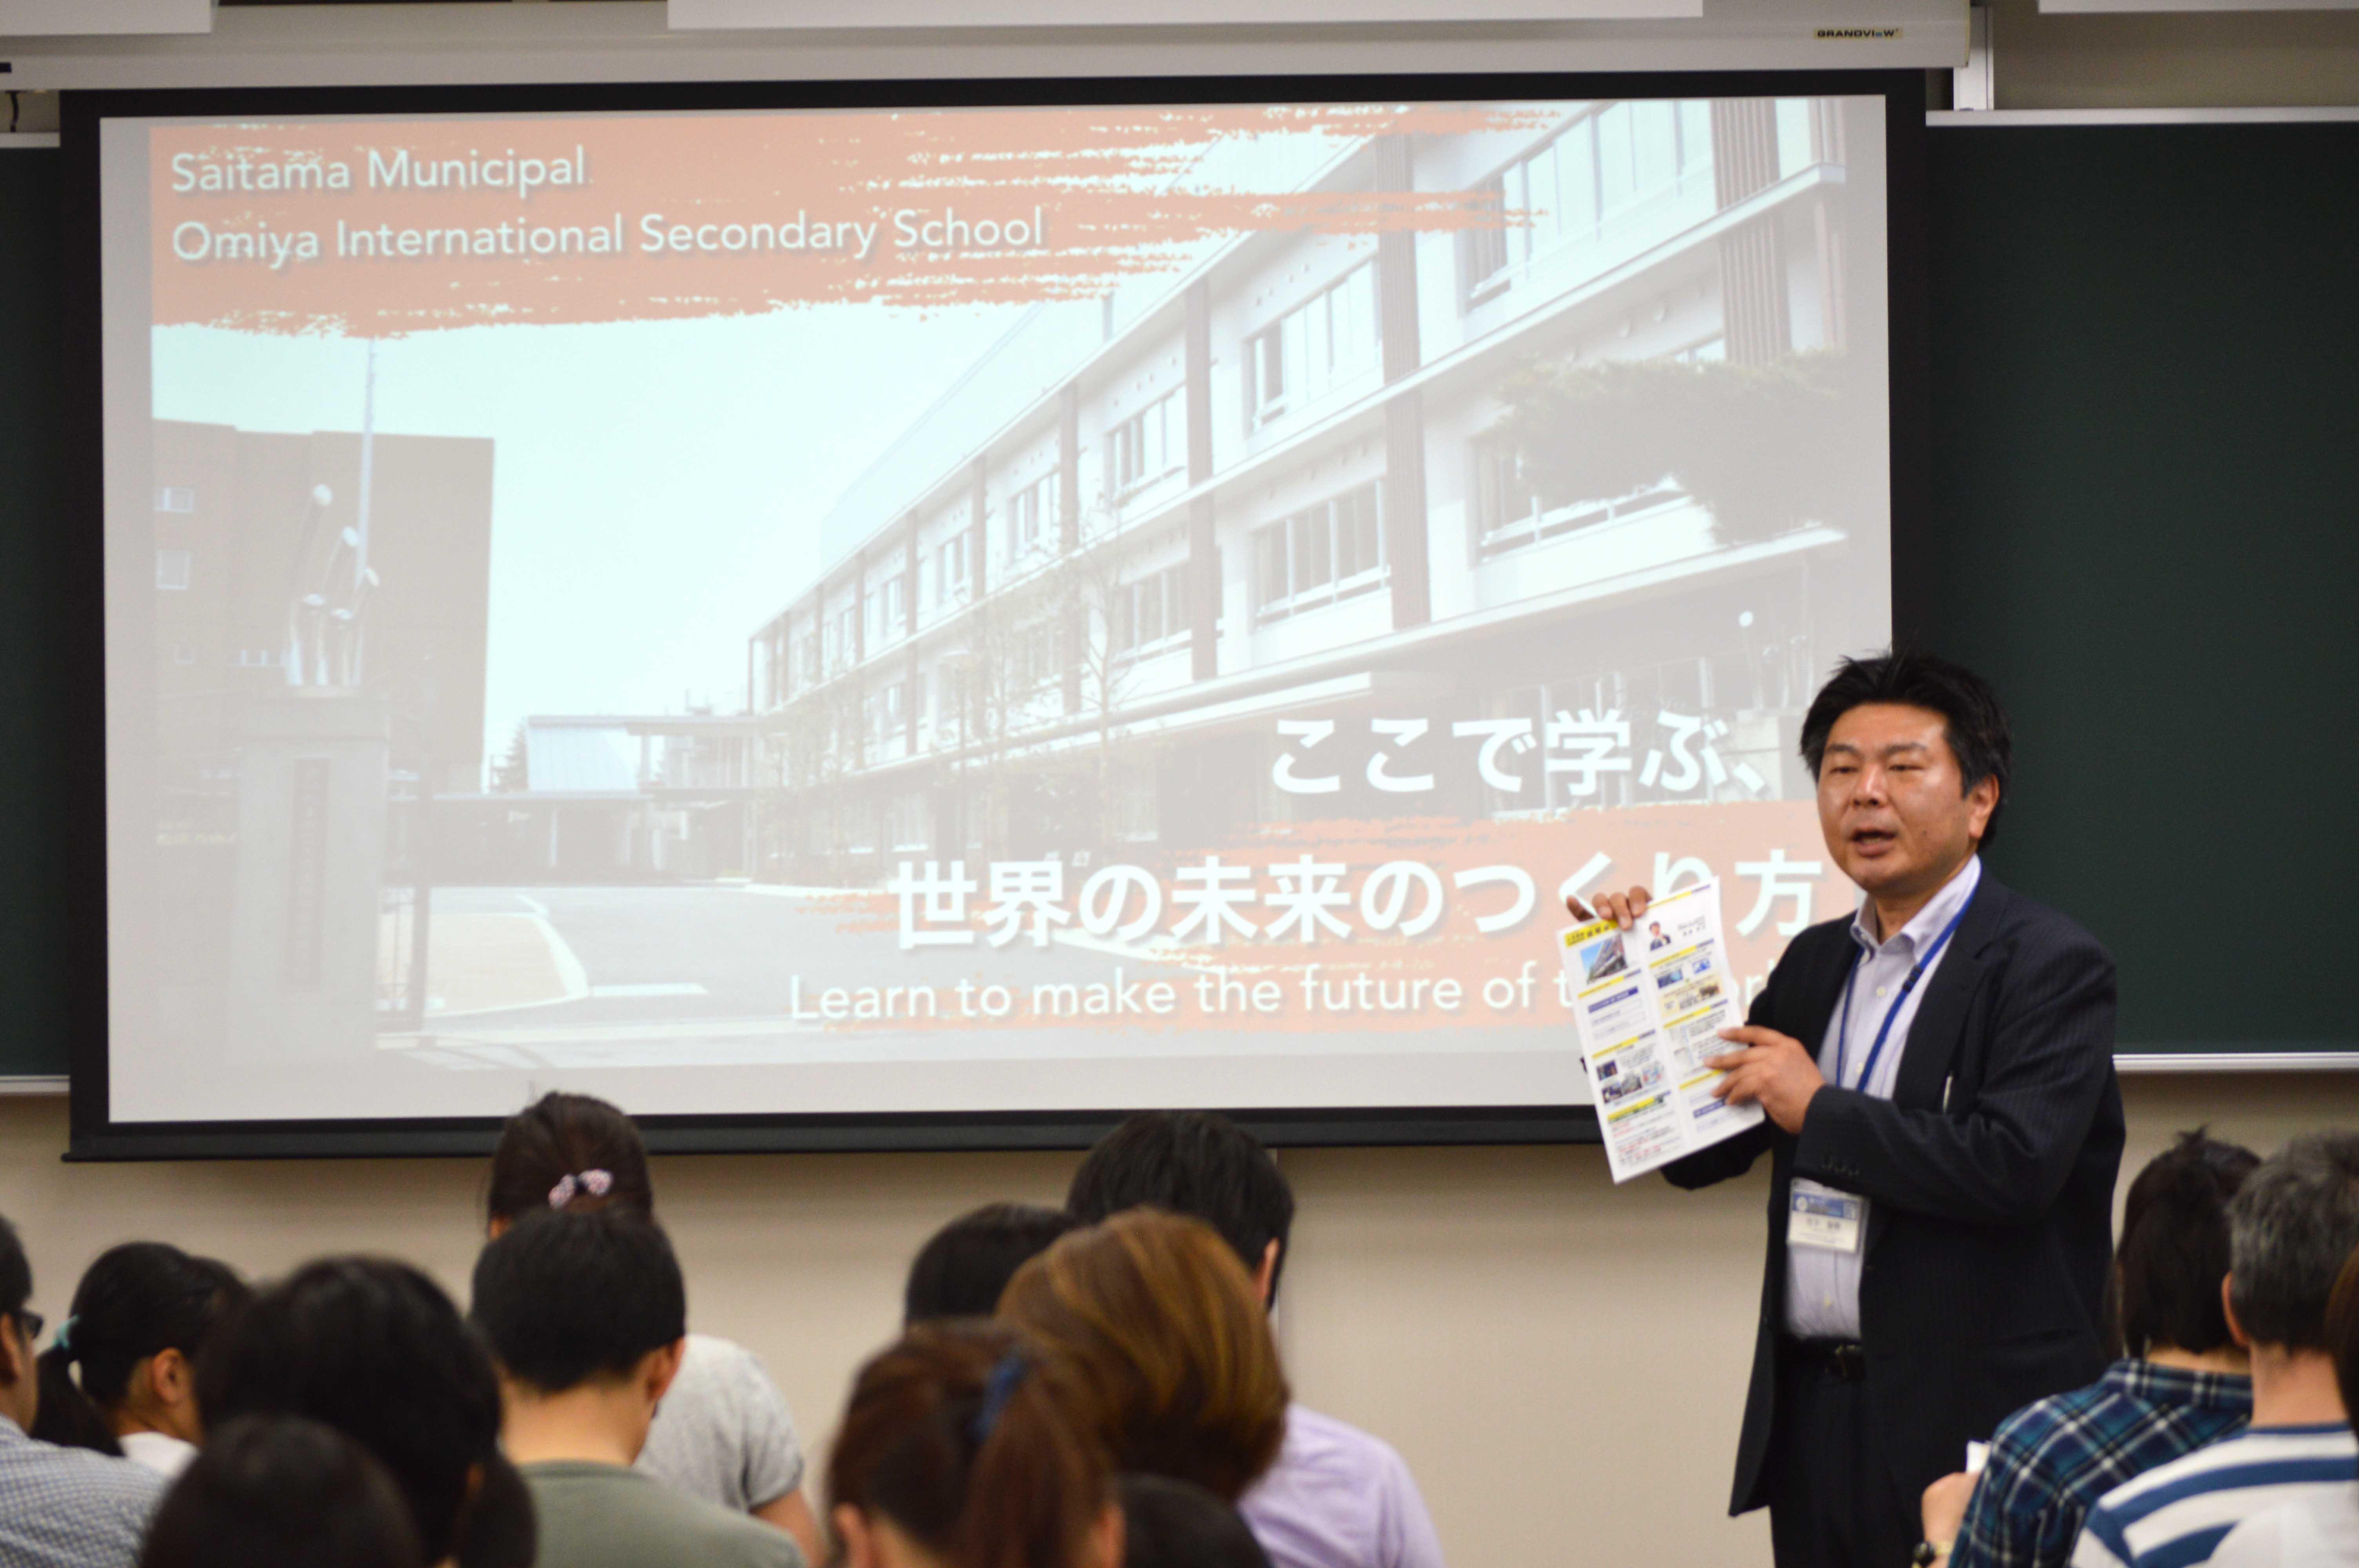 【小学生】大宮国際中等教育学校説明会